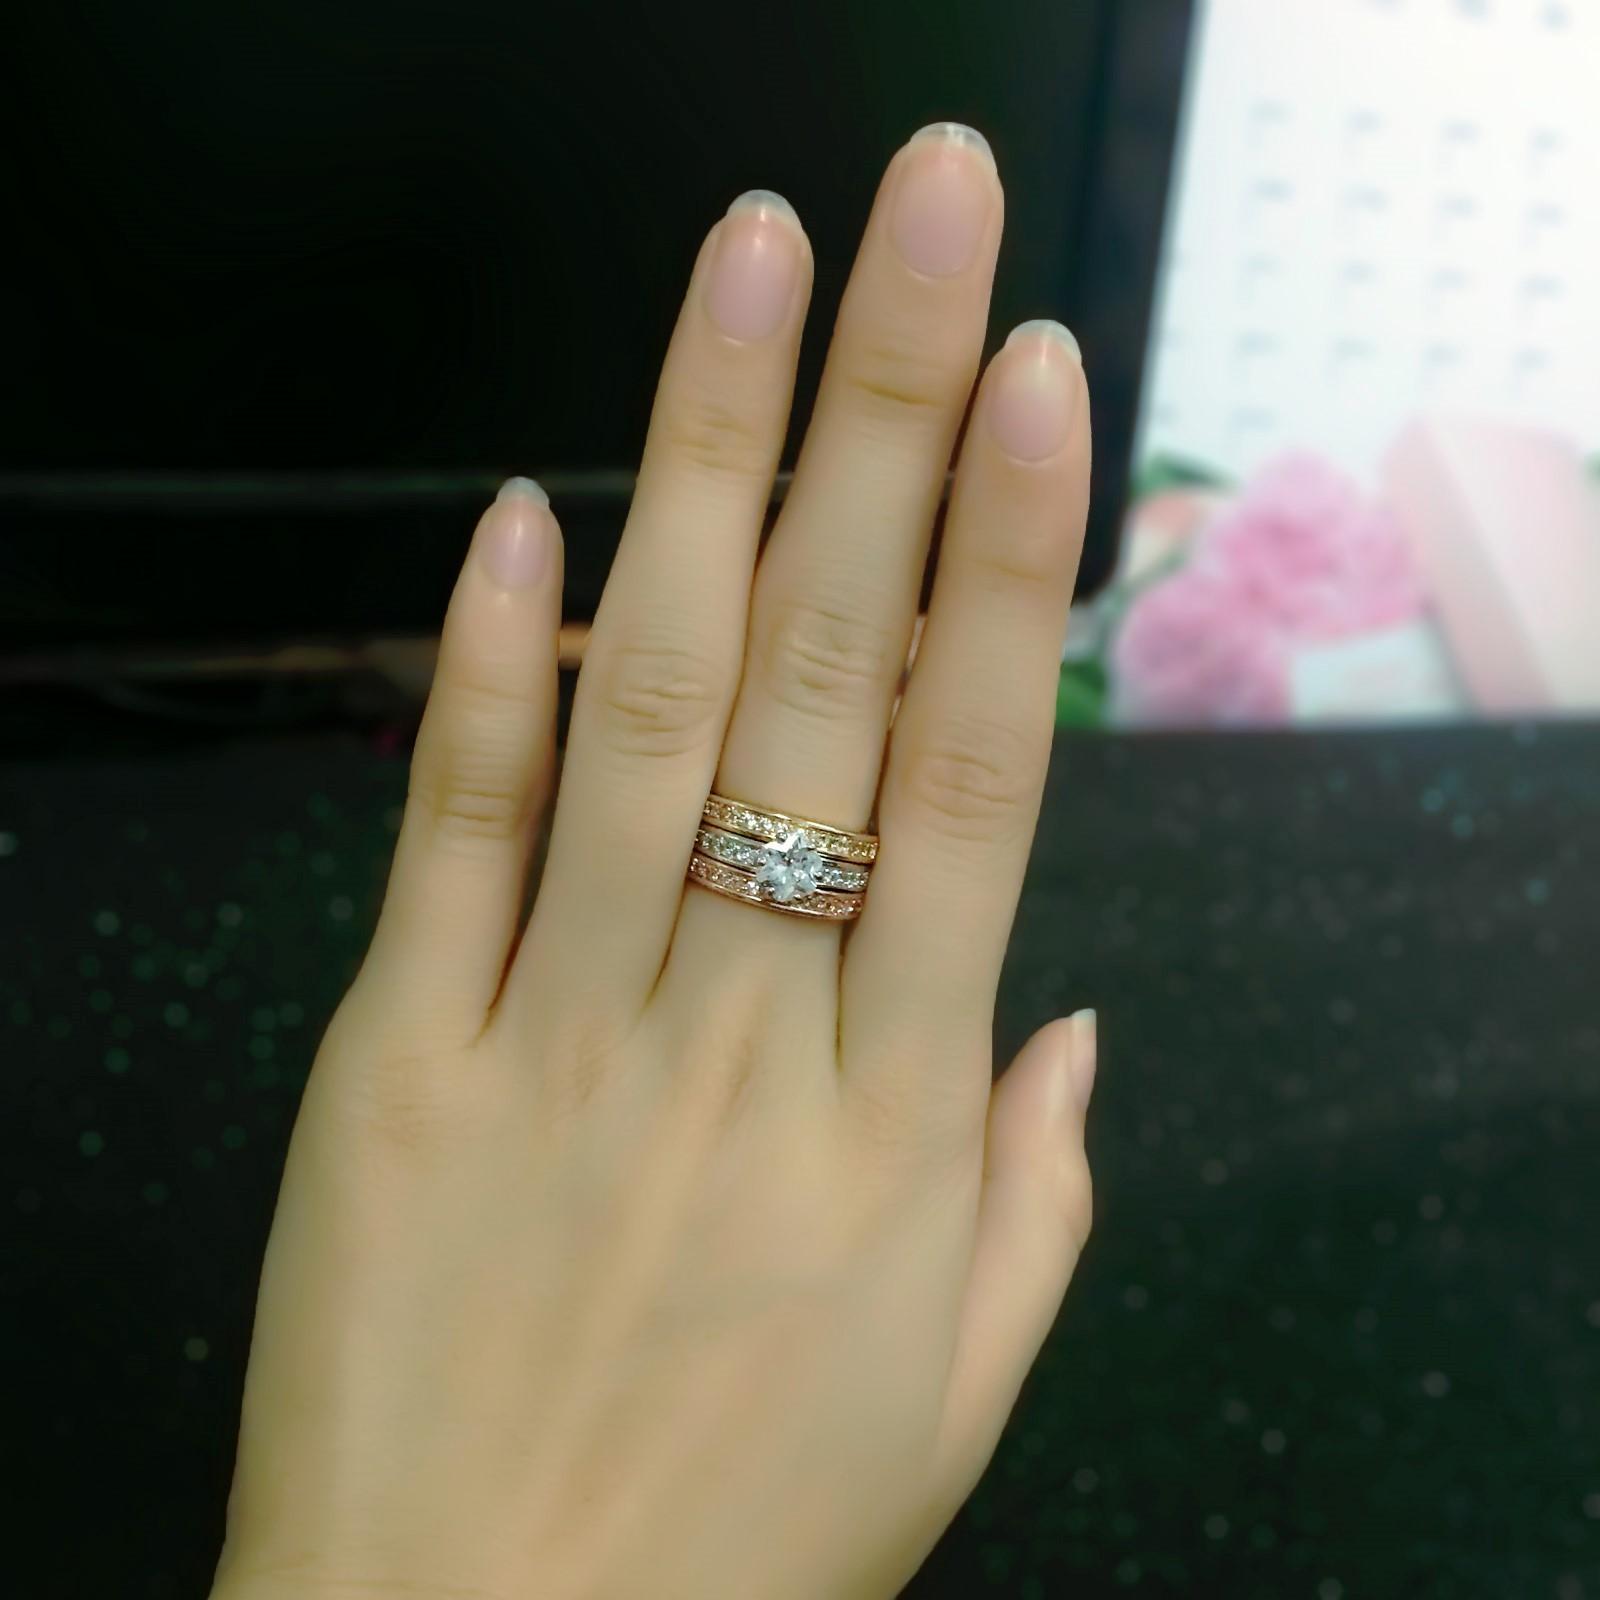 Sysbarnet Sales Engagement Ring Sets Rose Gold Color